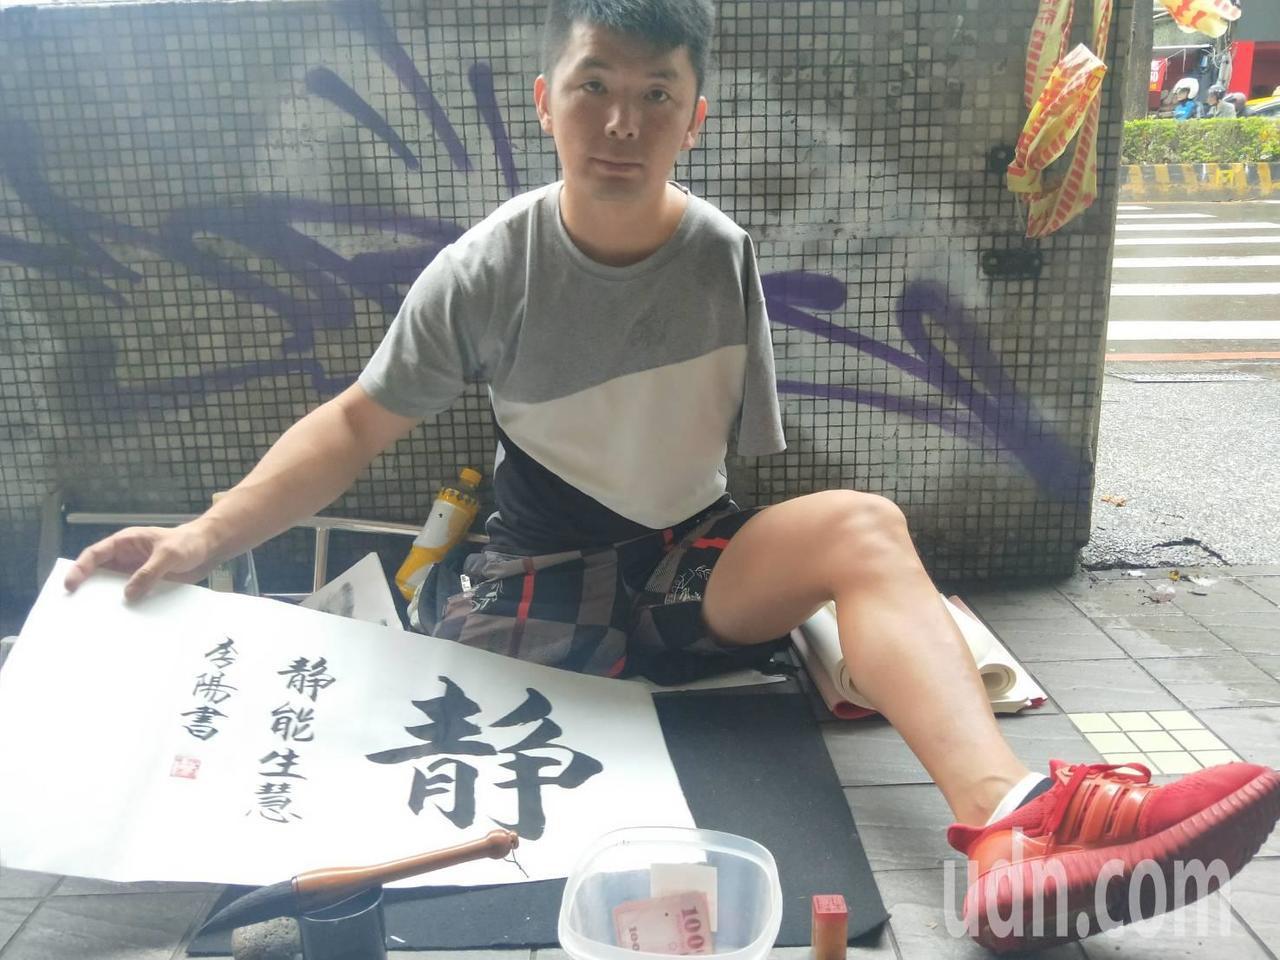 李陽表示,書法是10多年前開始學,也成為自己的興趣跟副業。記者江婉儀/攝影